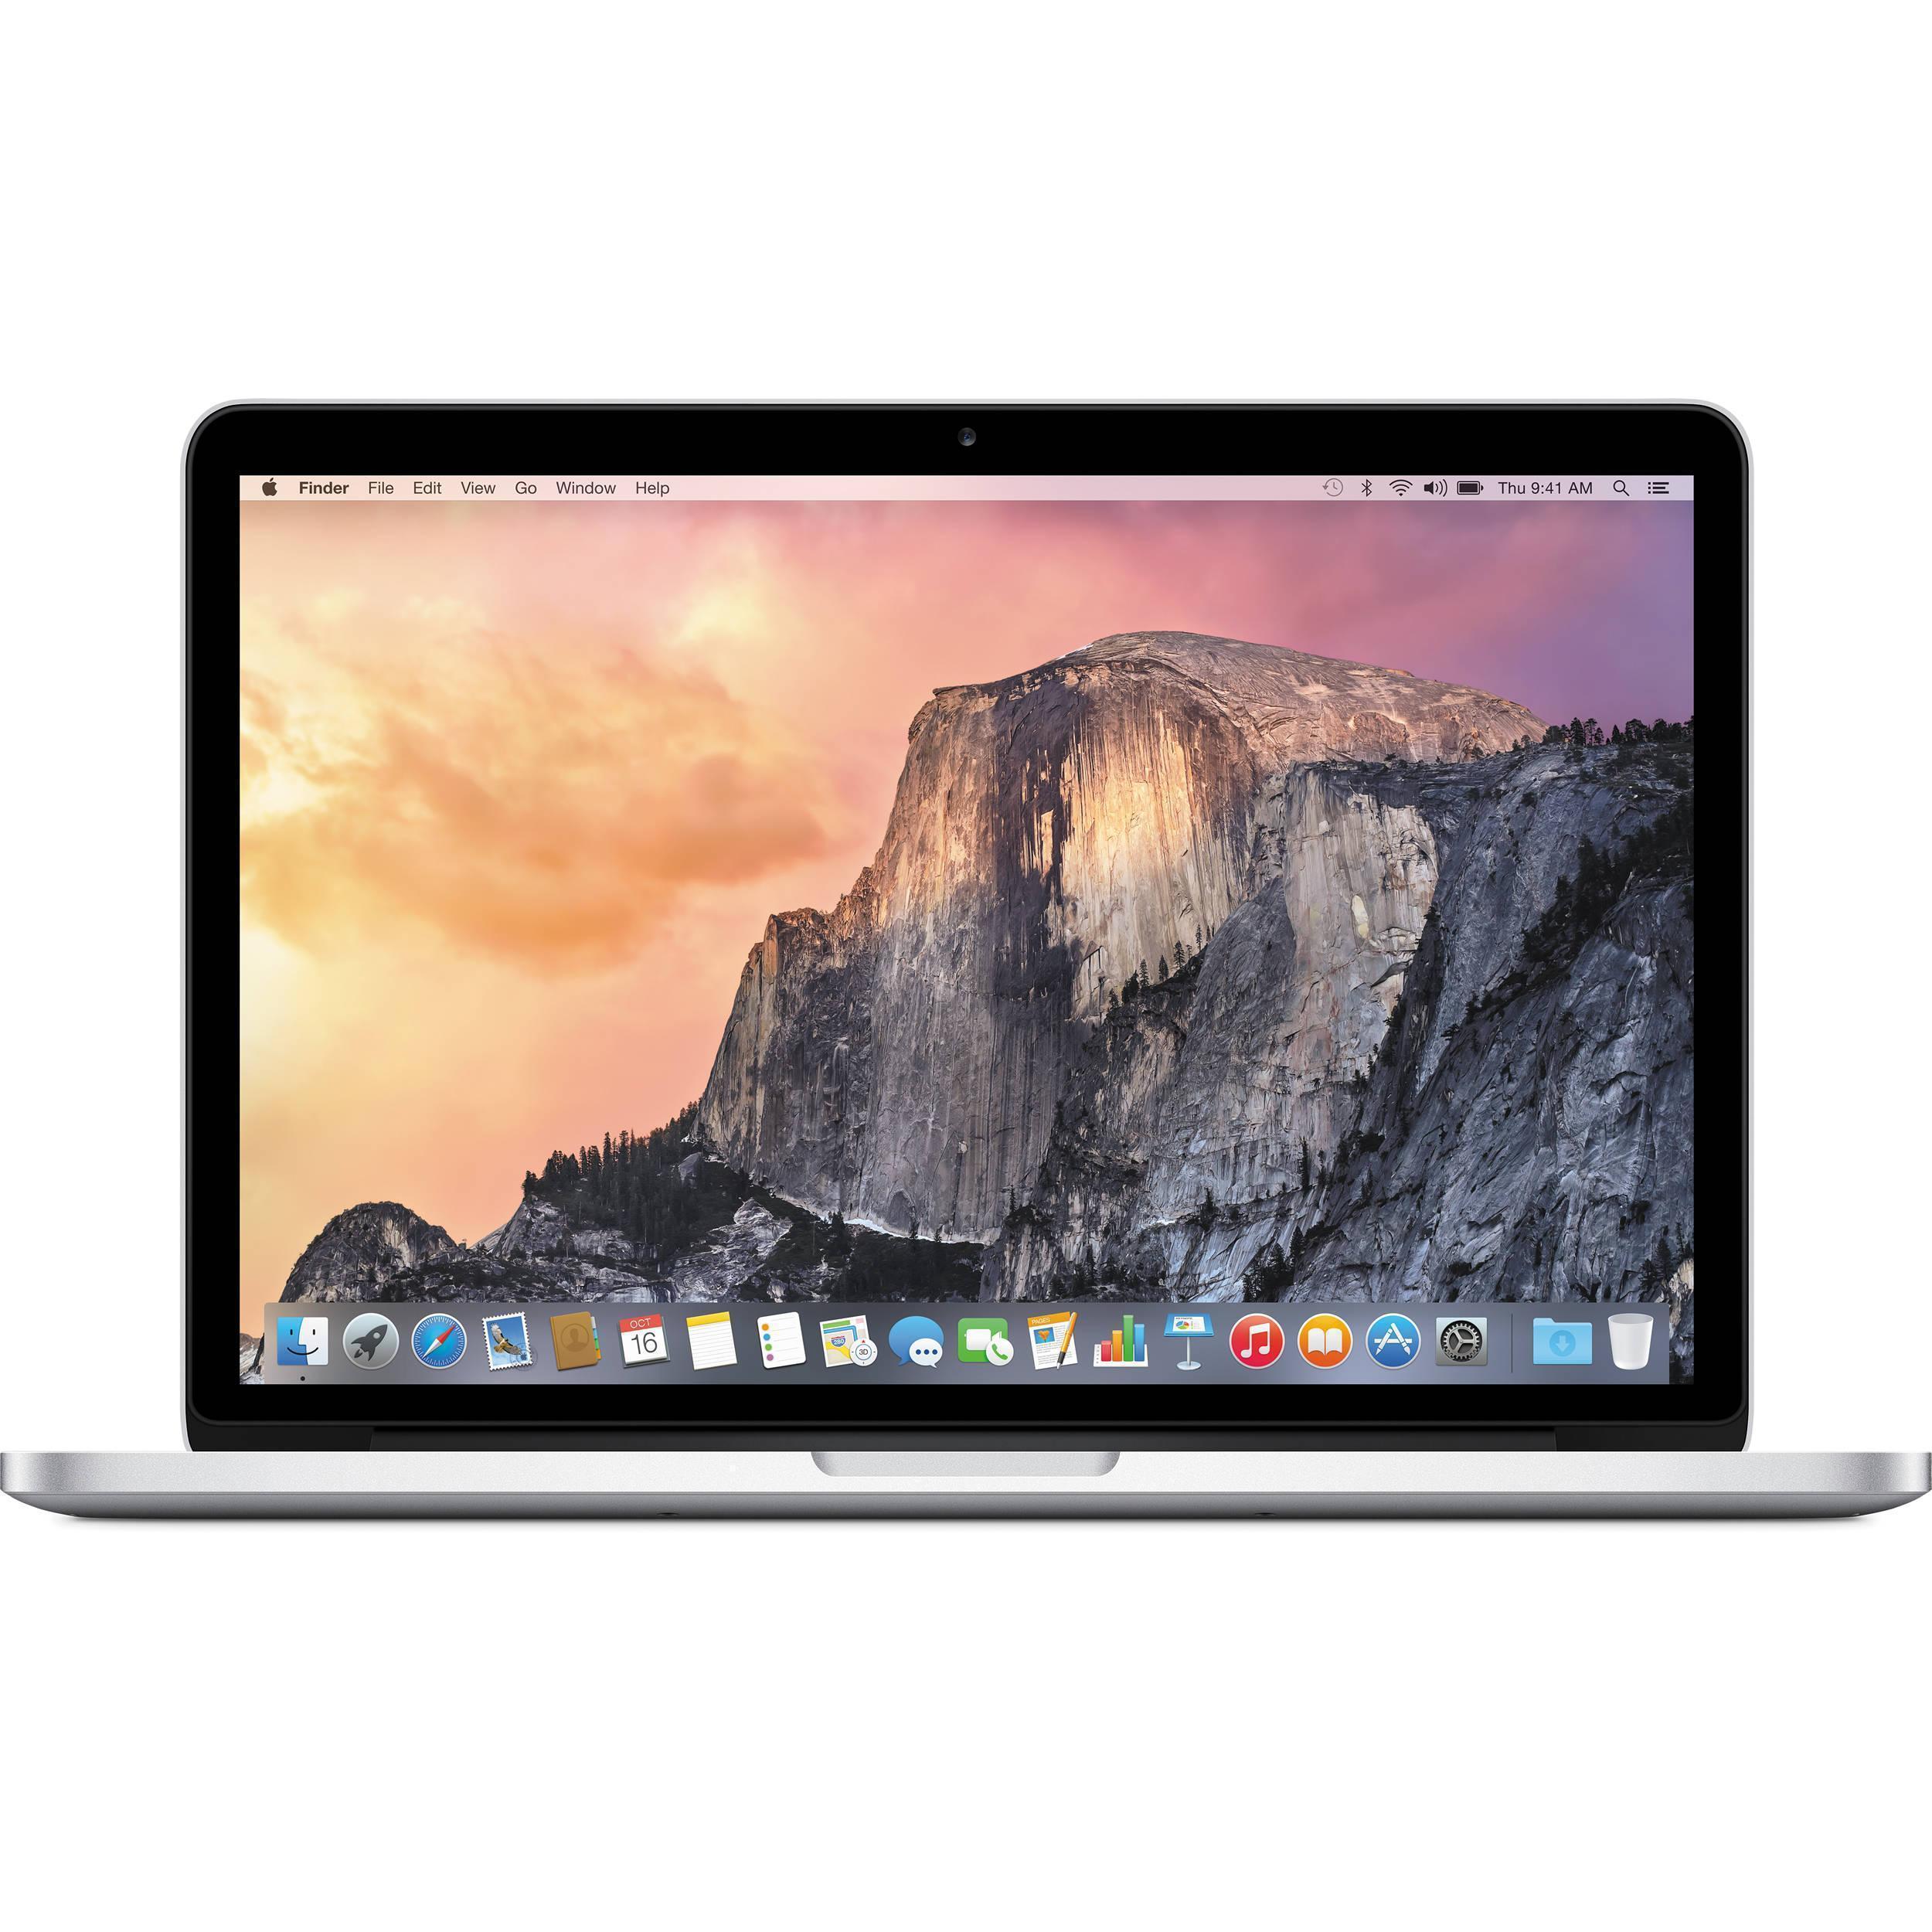 MacBook Pro Retina 13,3-tum (2014) - Core i7 - 8GB - SSD 256 GB QWERTY - Engelska (Storbritannien)